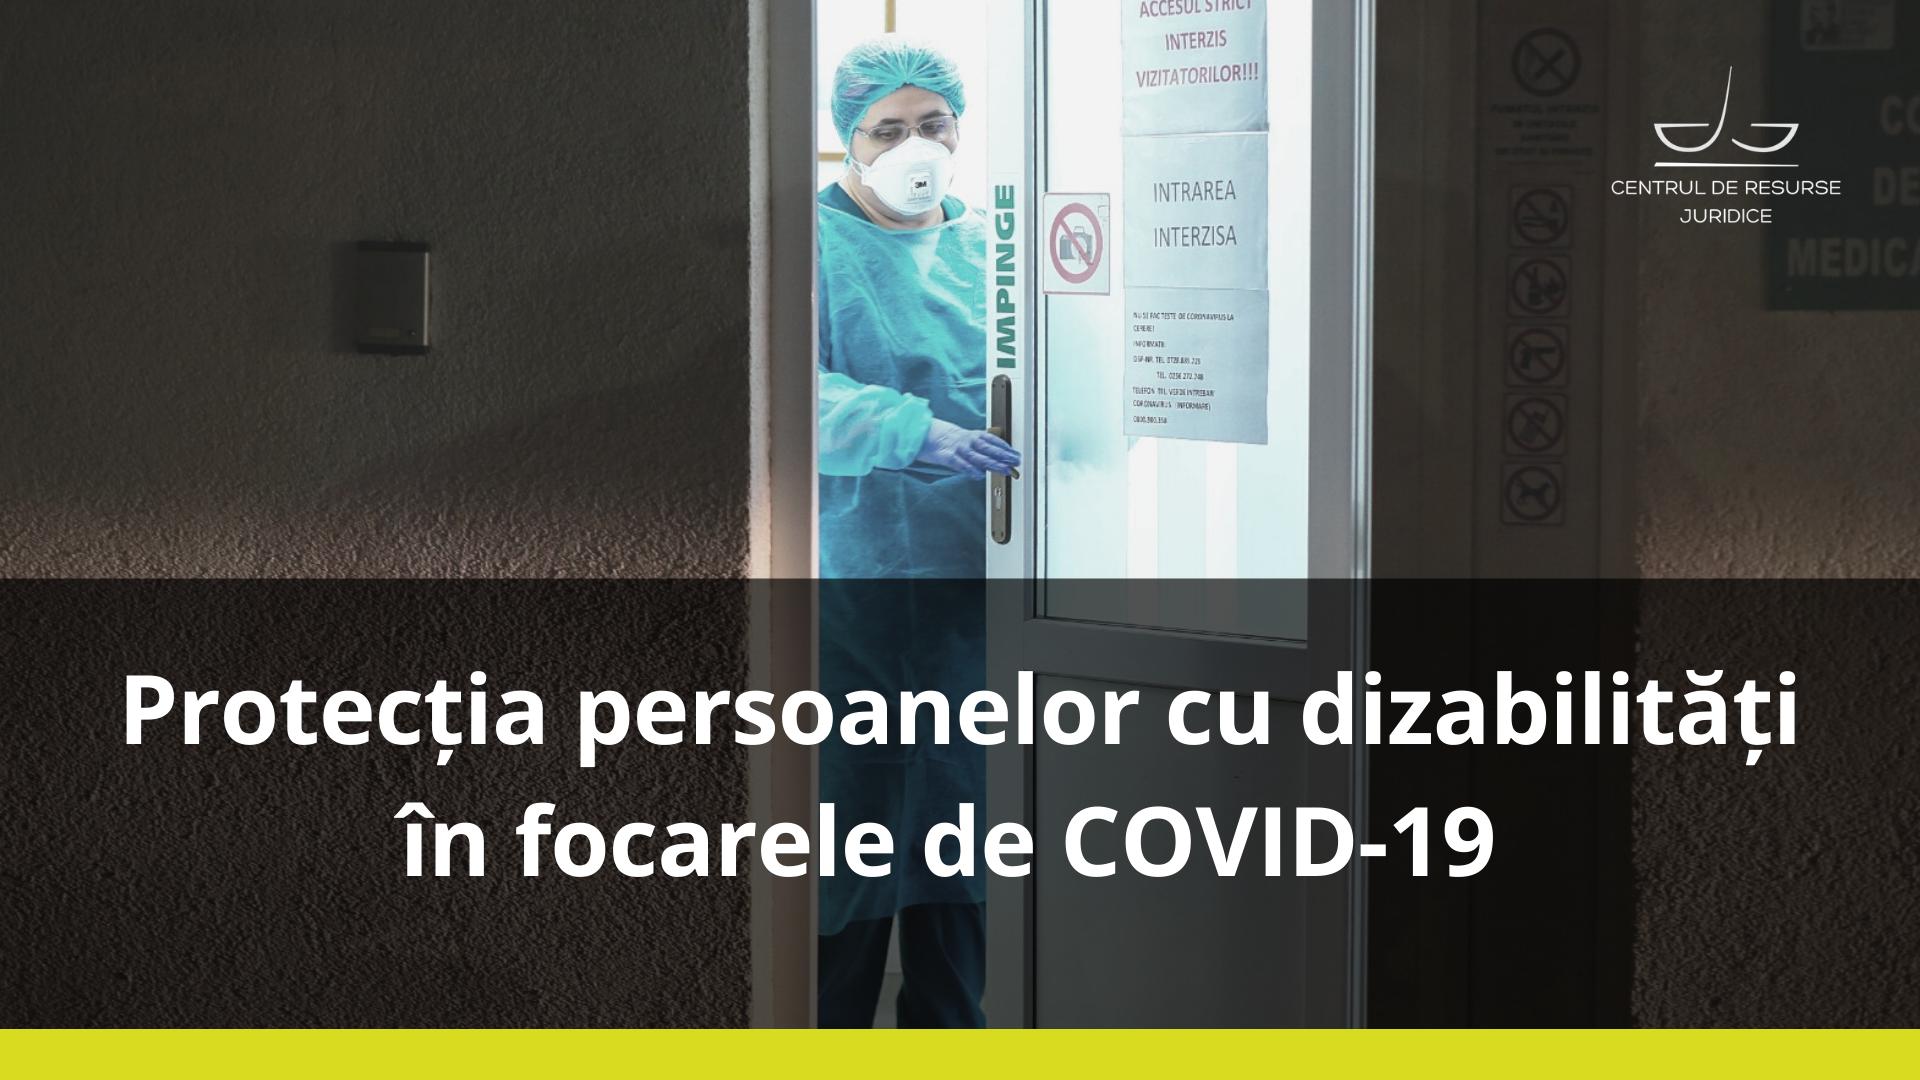 Protecția persoanelor cu dizabilități în focarele de COVID-19